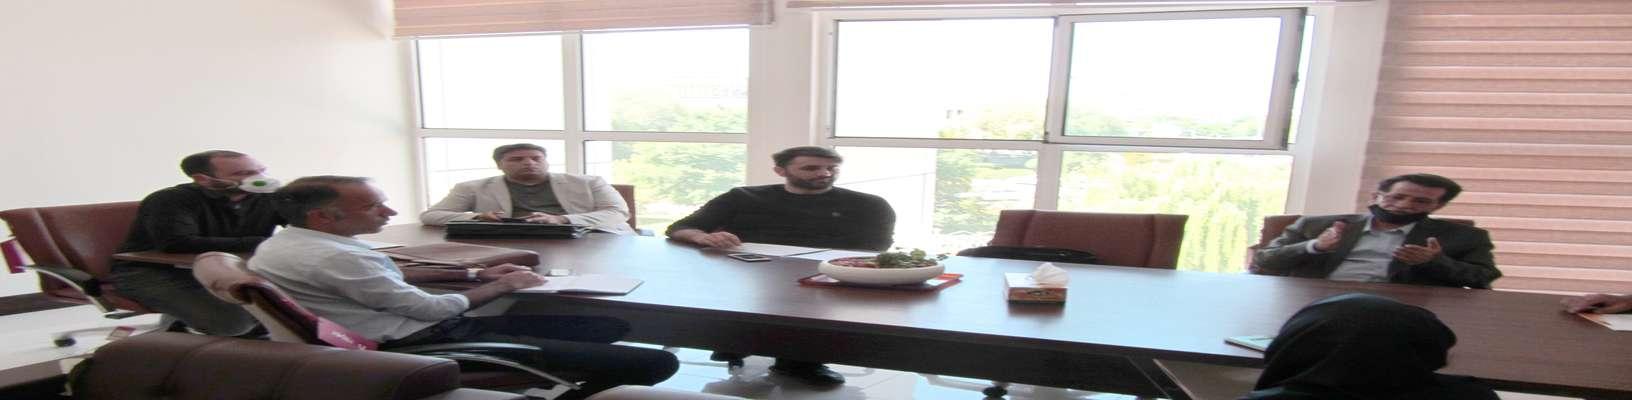 جلسه فیمابین اعضای هیئت مدیره با سرکار خانم مهندس احمدپور مدیر محترم نظام فنی و اجرایی